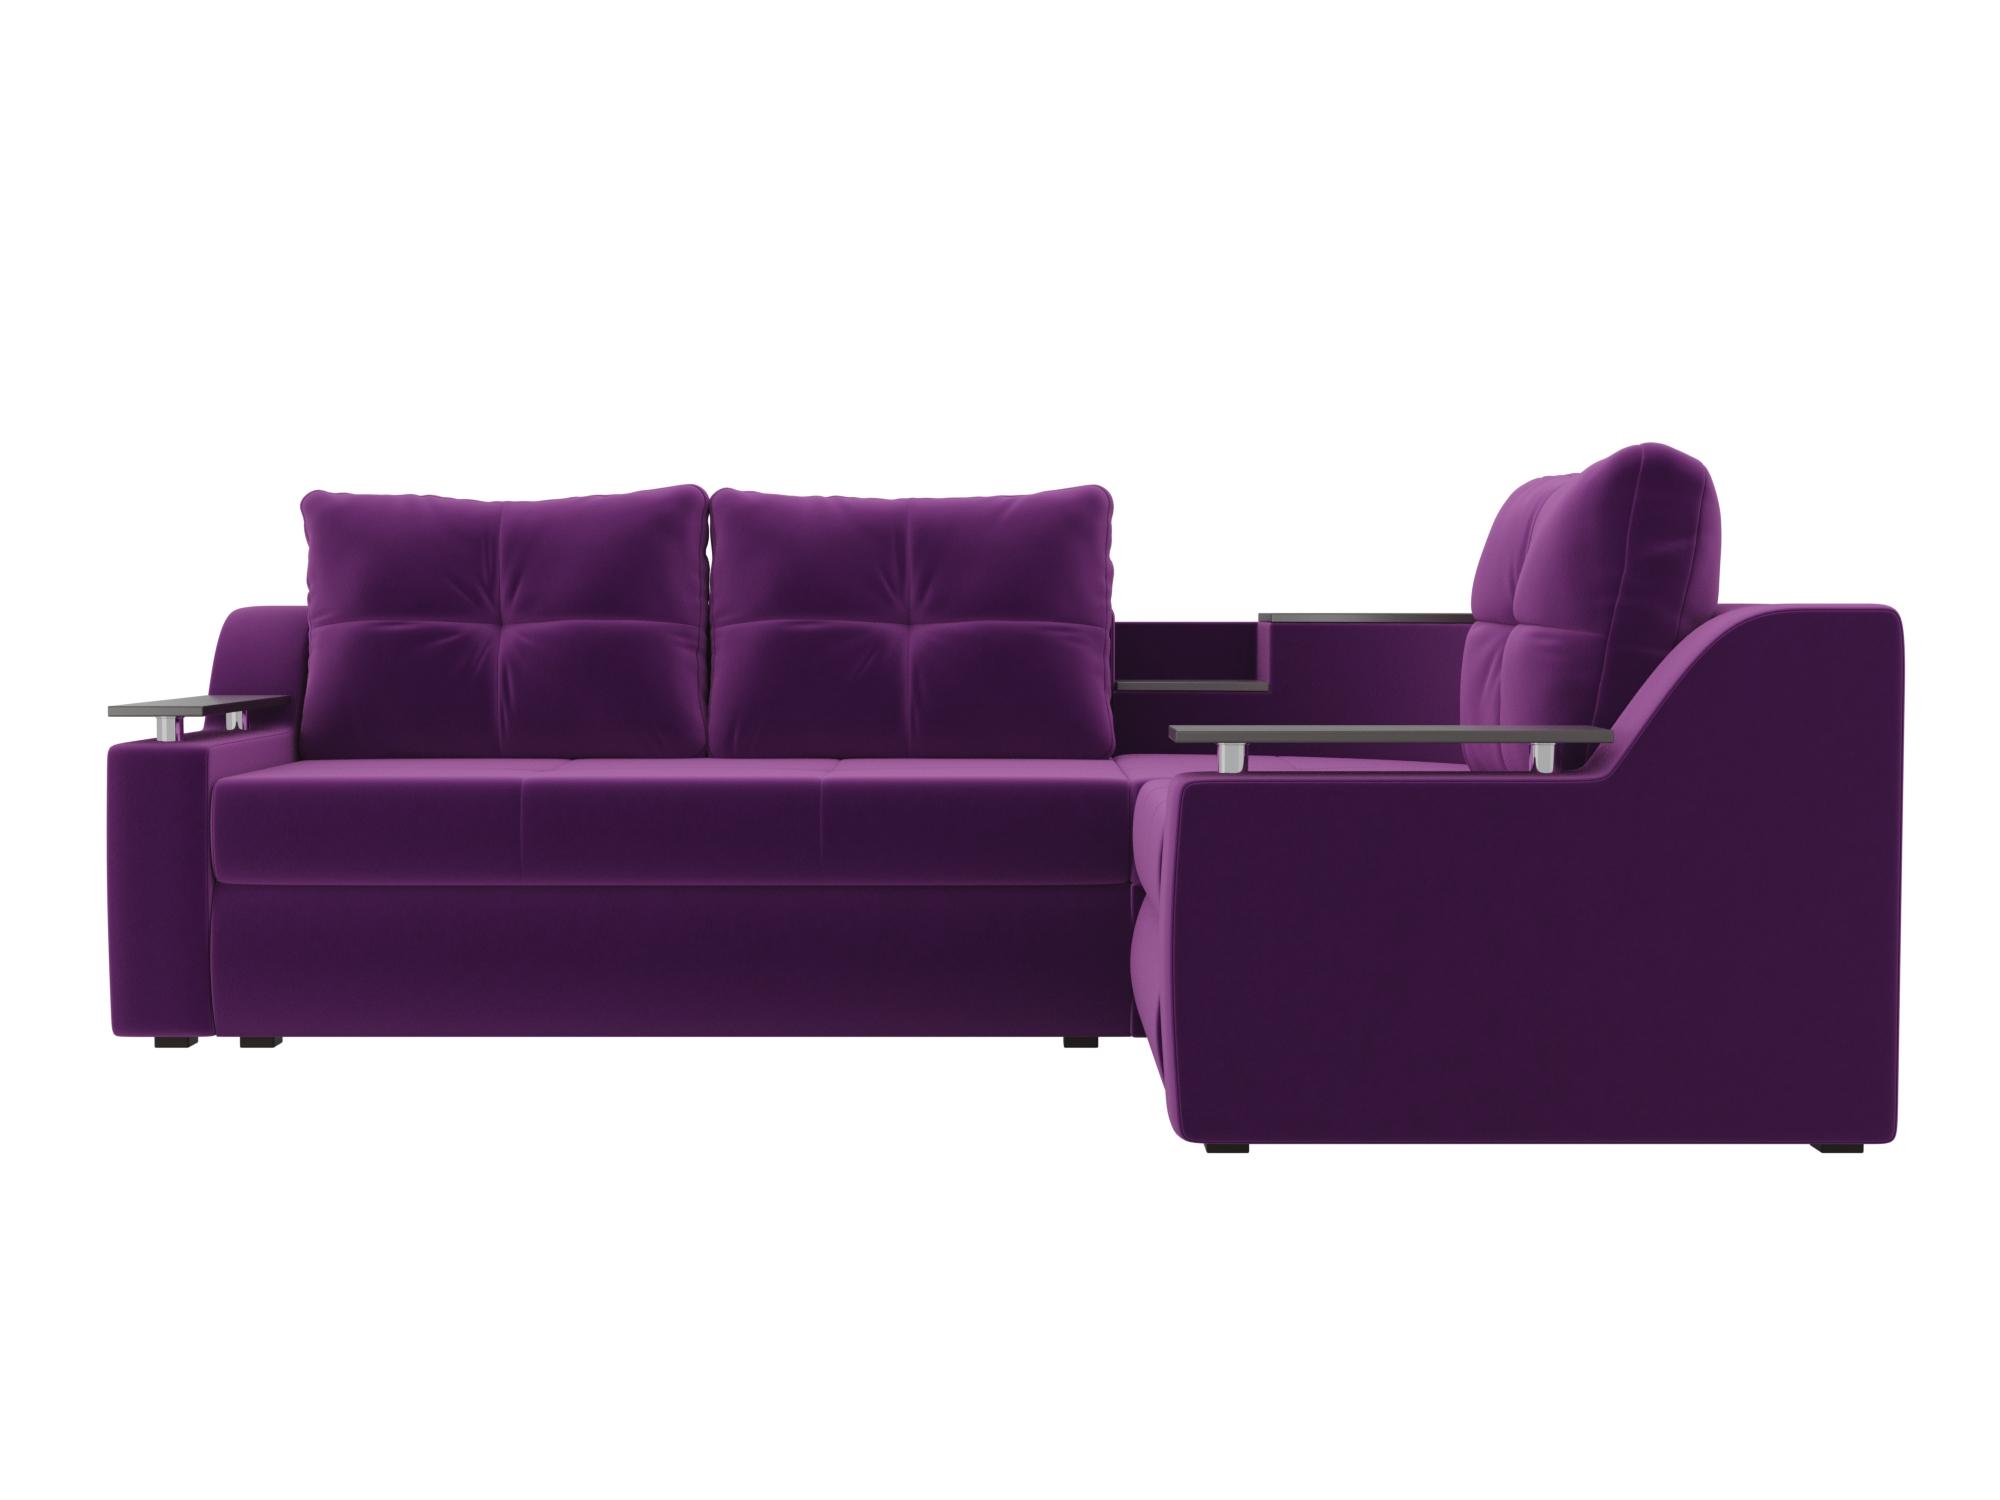 Угловой диван Тесей Правый MebelVia Фиолетовый, Микровельвет, ЛДСП Фиолетовый